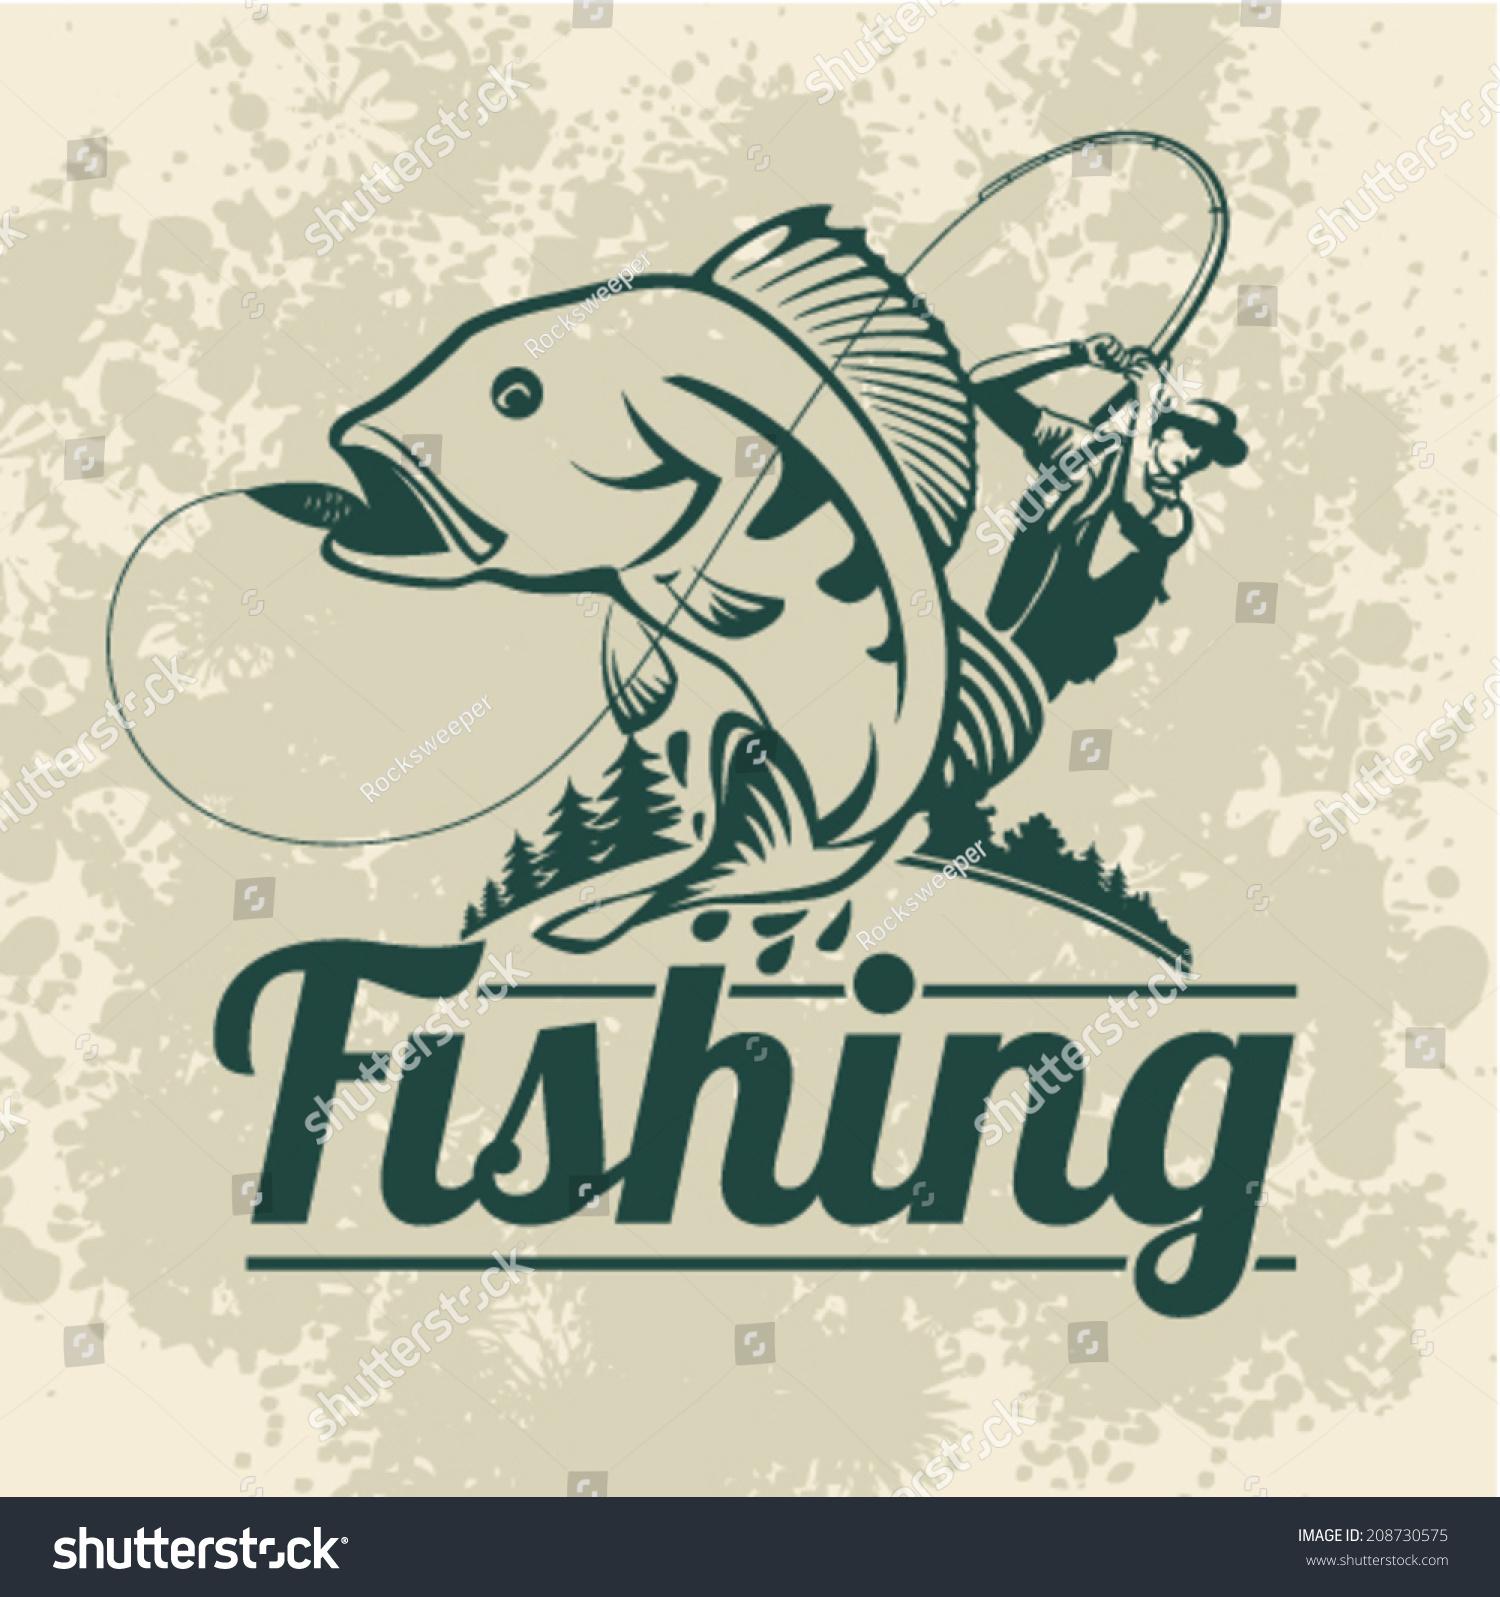 Fishing Vector Labels Stock Vector 208730575 - Shutterstock